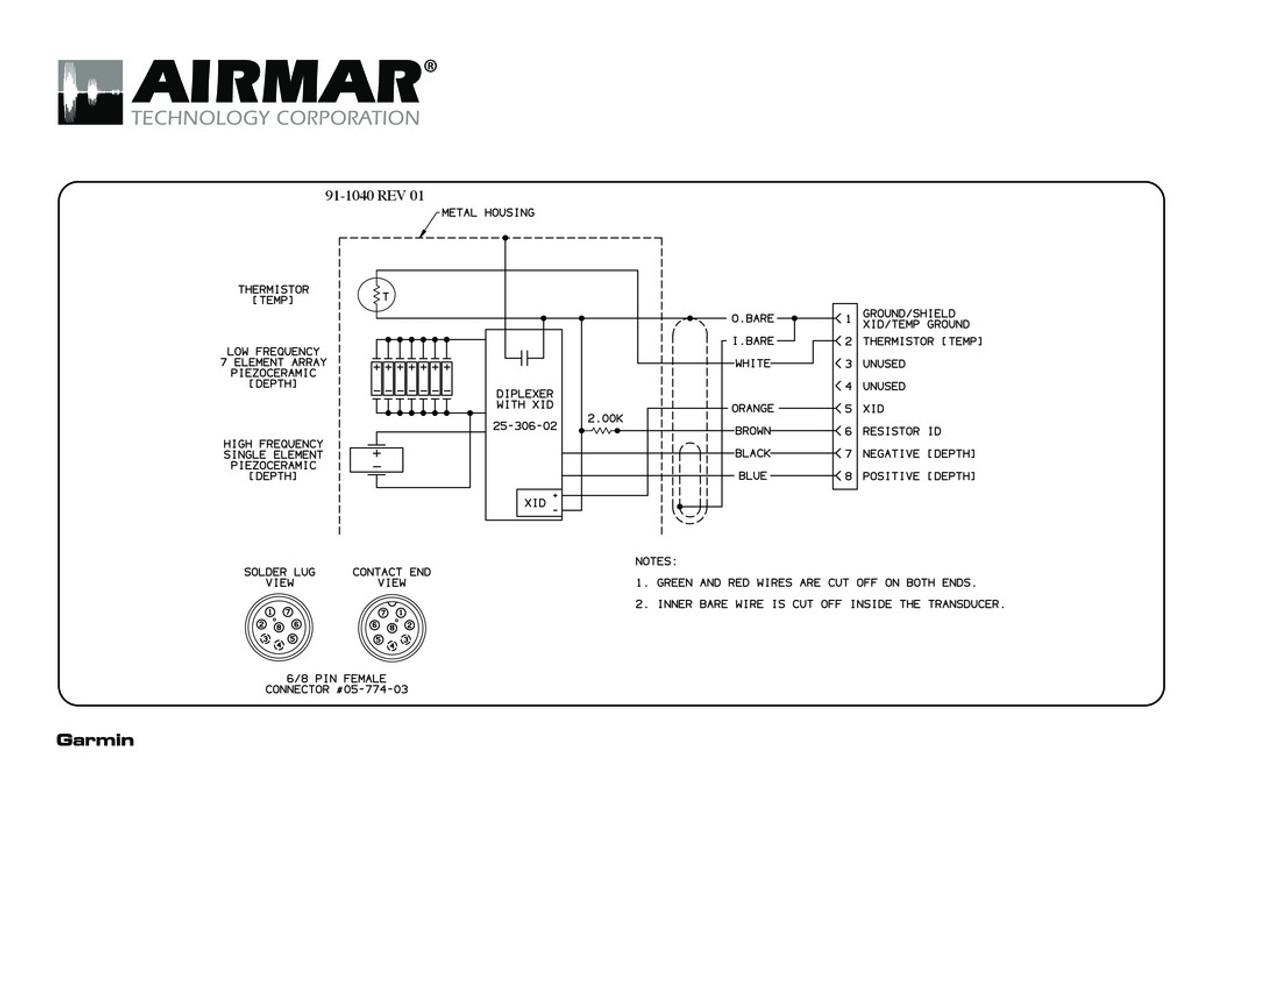 hight resolution of uniden wire diagram schematic diagramuniden solara dsc wiring diagram wiring diagram simple wiring diagrams uniden solara